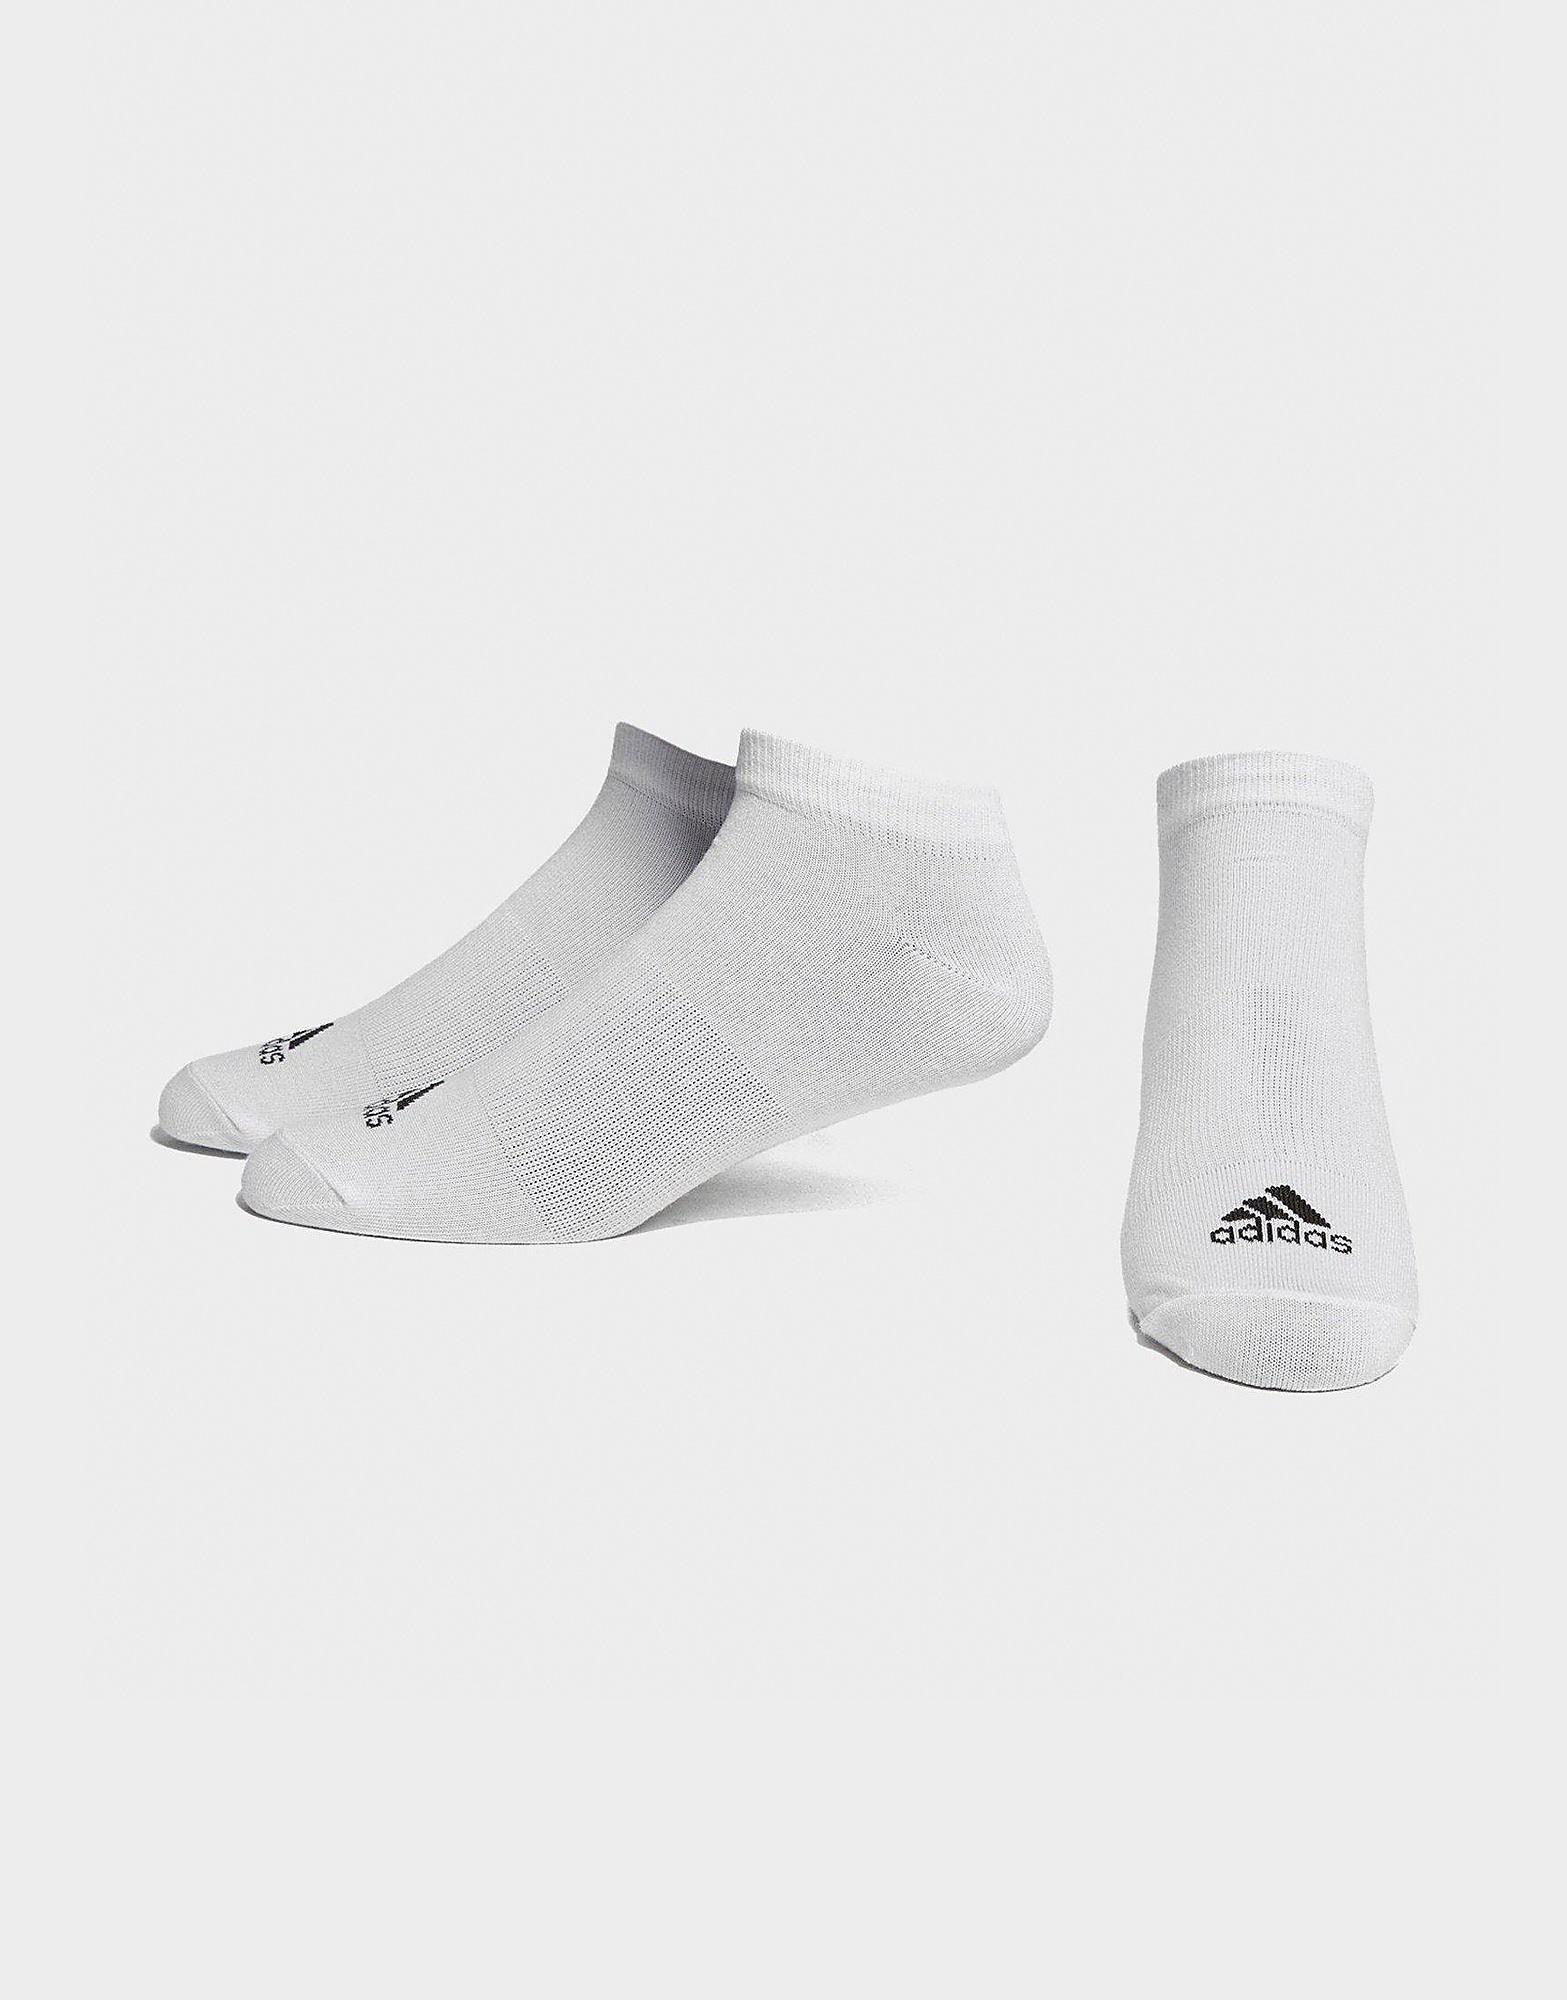 adidas Lot de 3paires de chaussettes invisibles